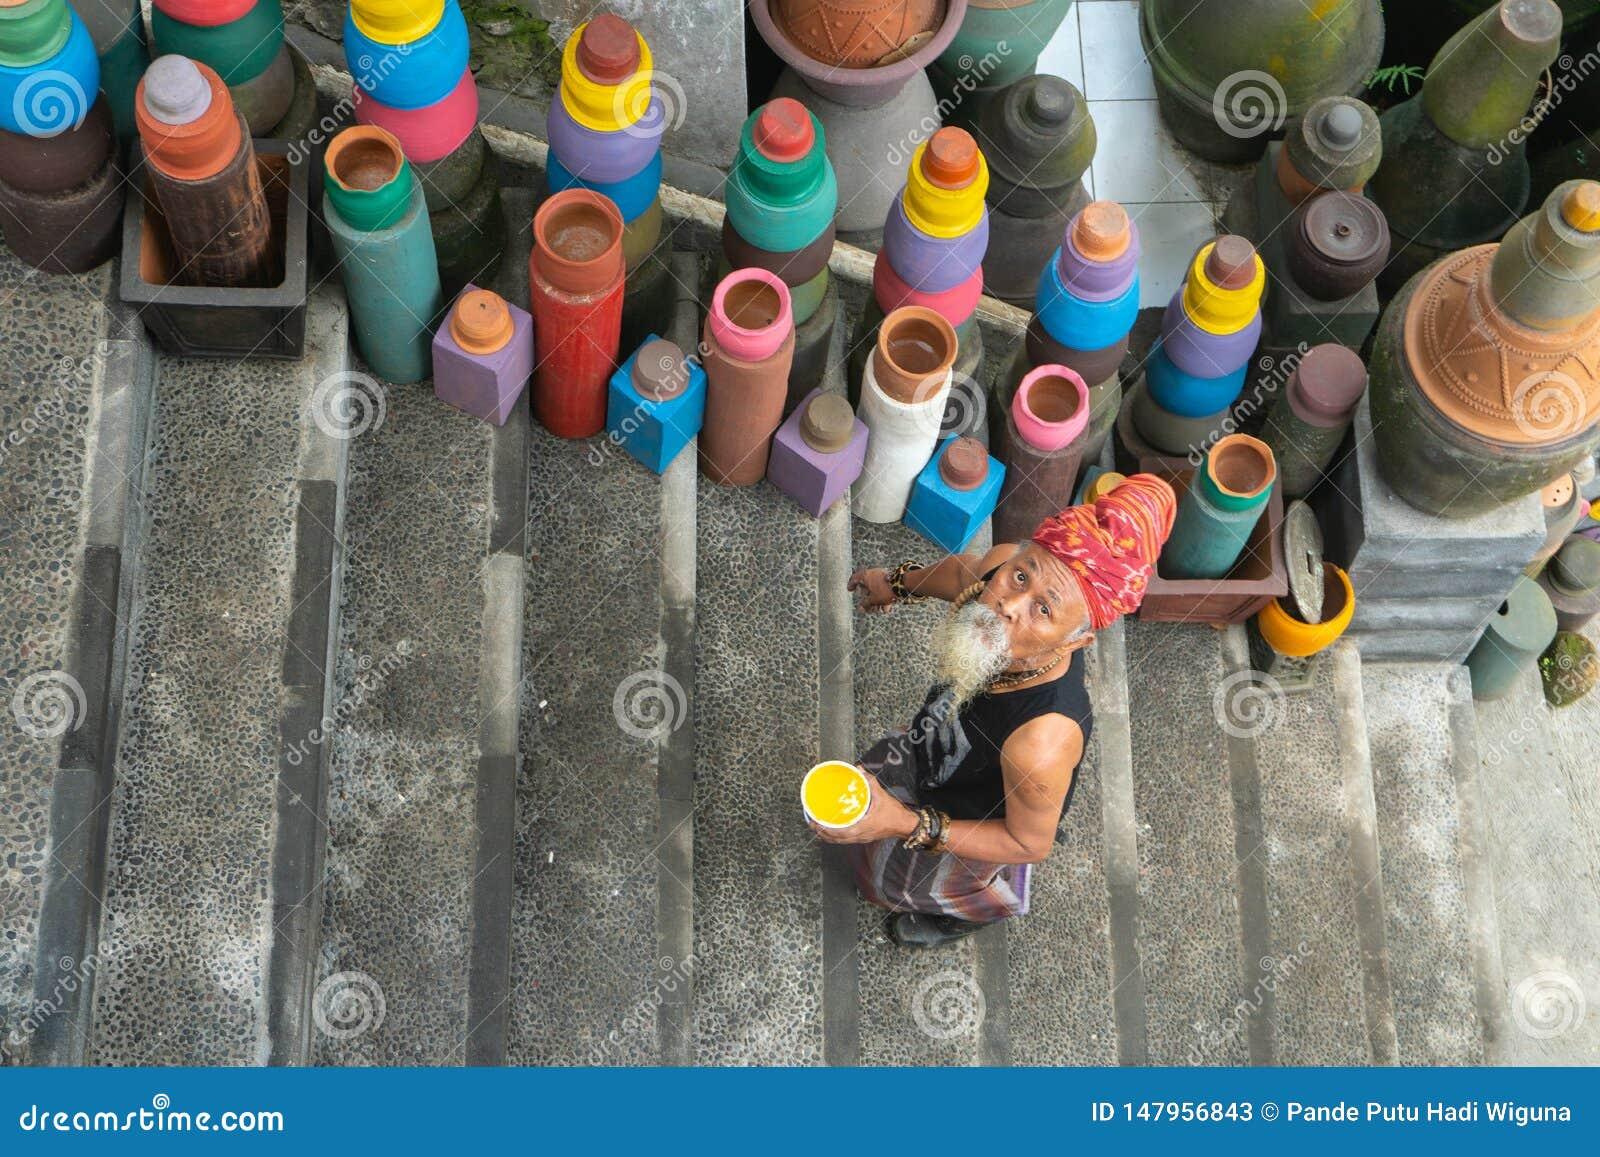 UBUD, BALI 27 APRILE 2019 un artigiano dalla barba bianca anziano delle terraglie che indossa un legame capo etnico sta colorando